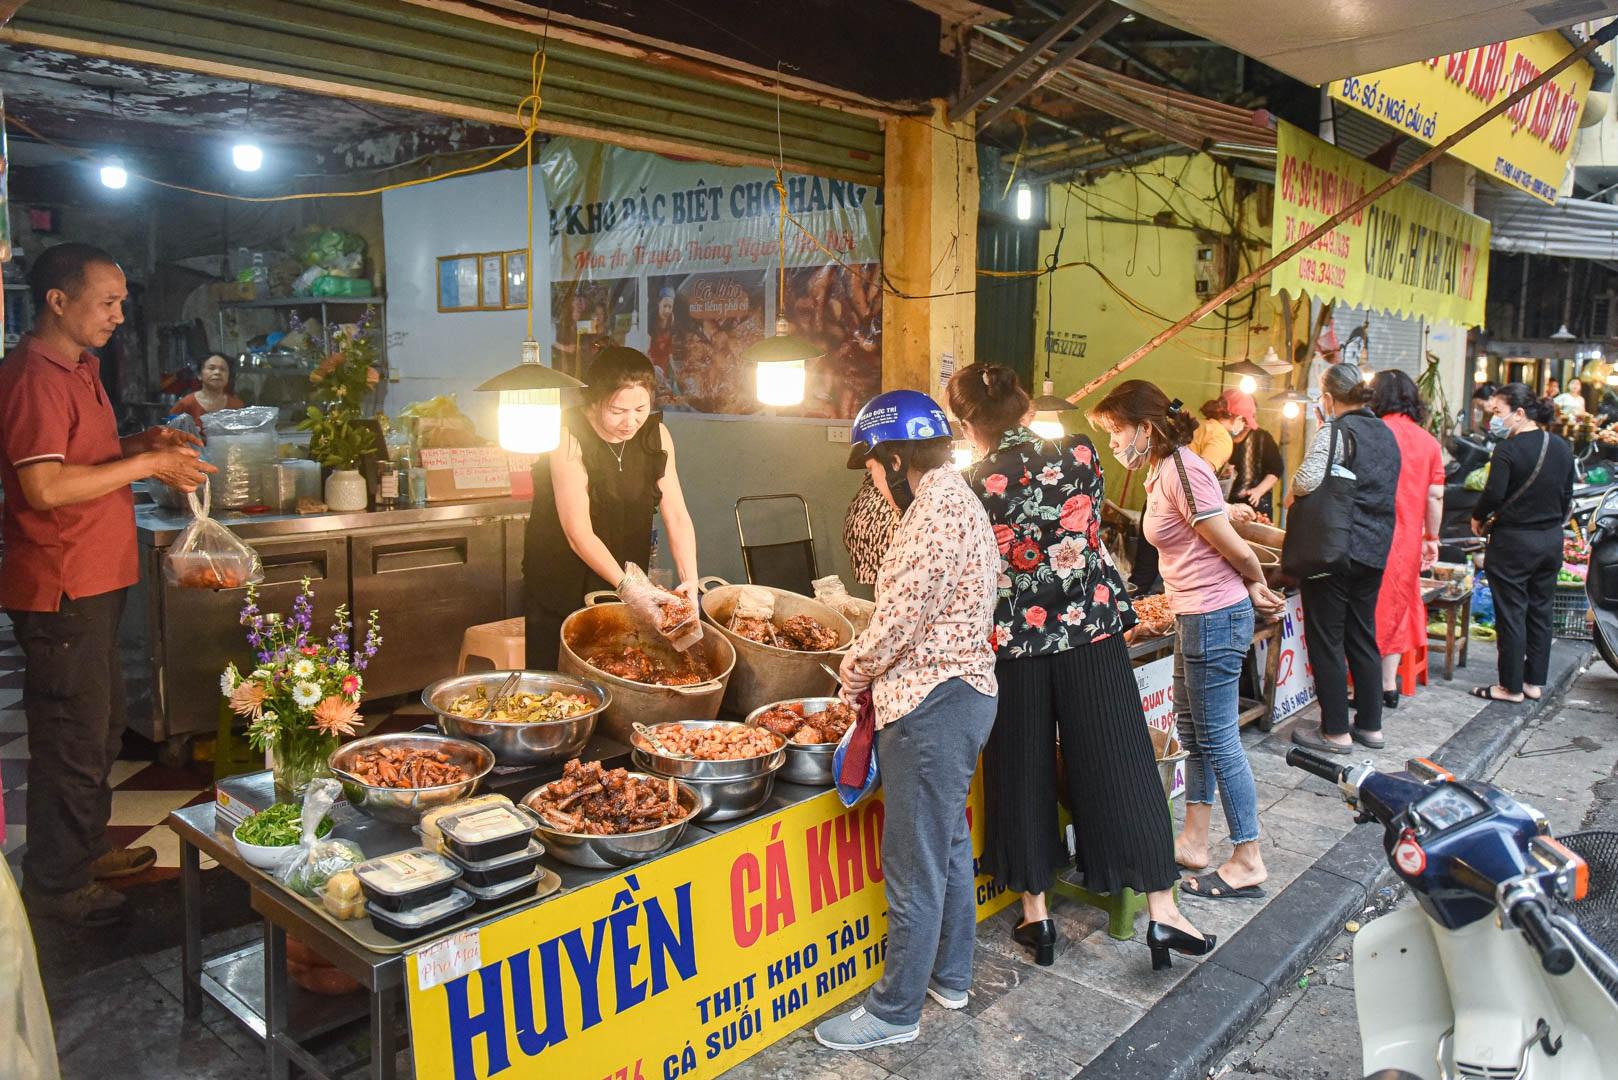 Khu chợ nhà giàu ở Hà Nội, ngày bán hàng trăm cân cá kho - 3